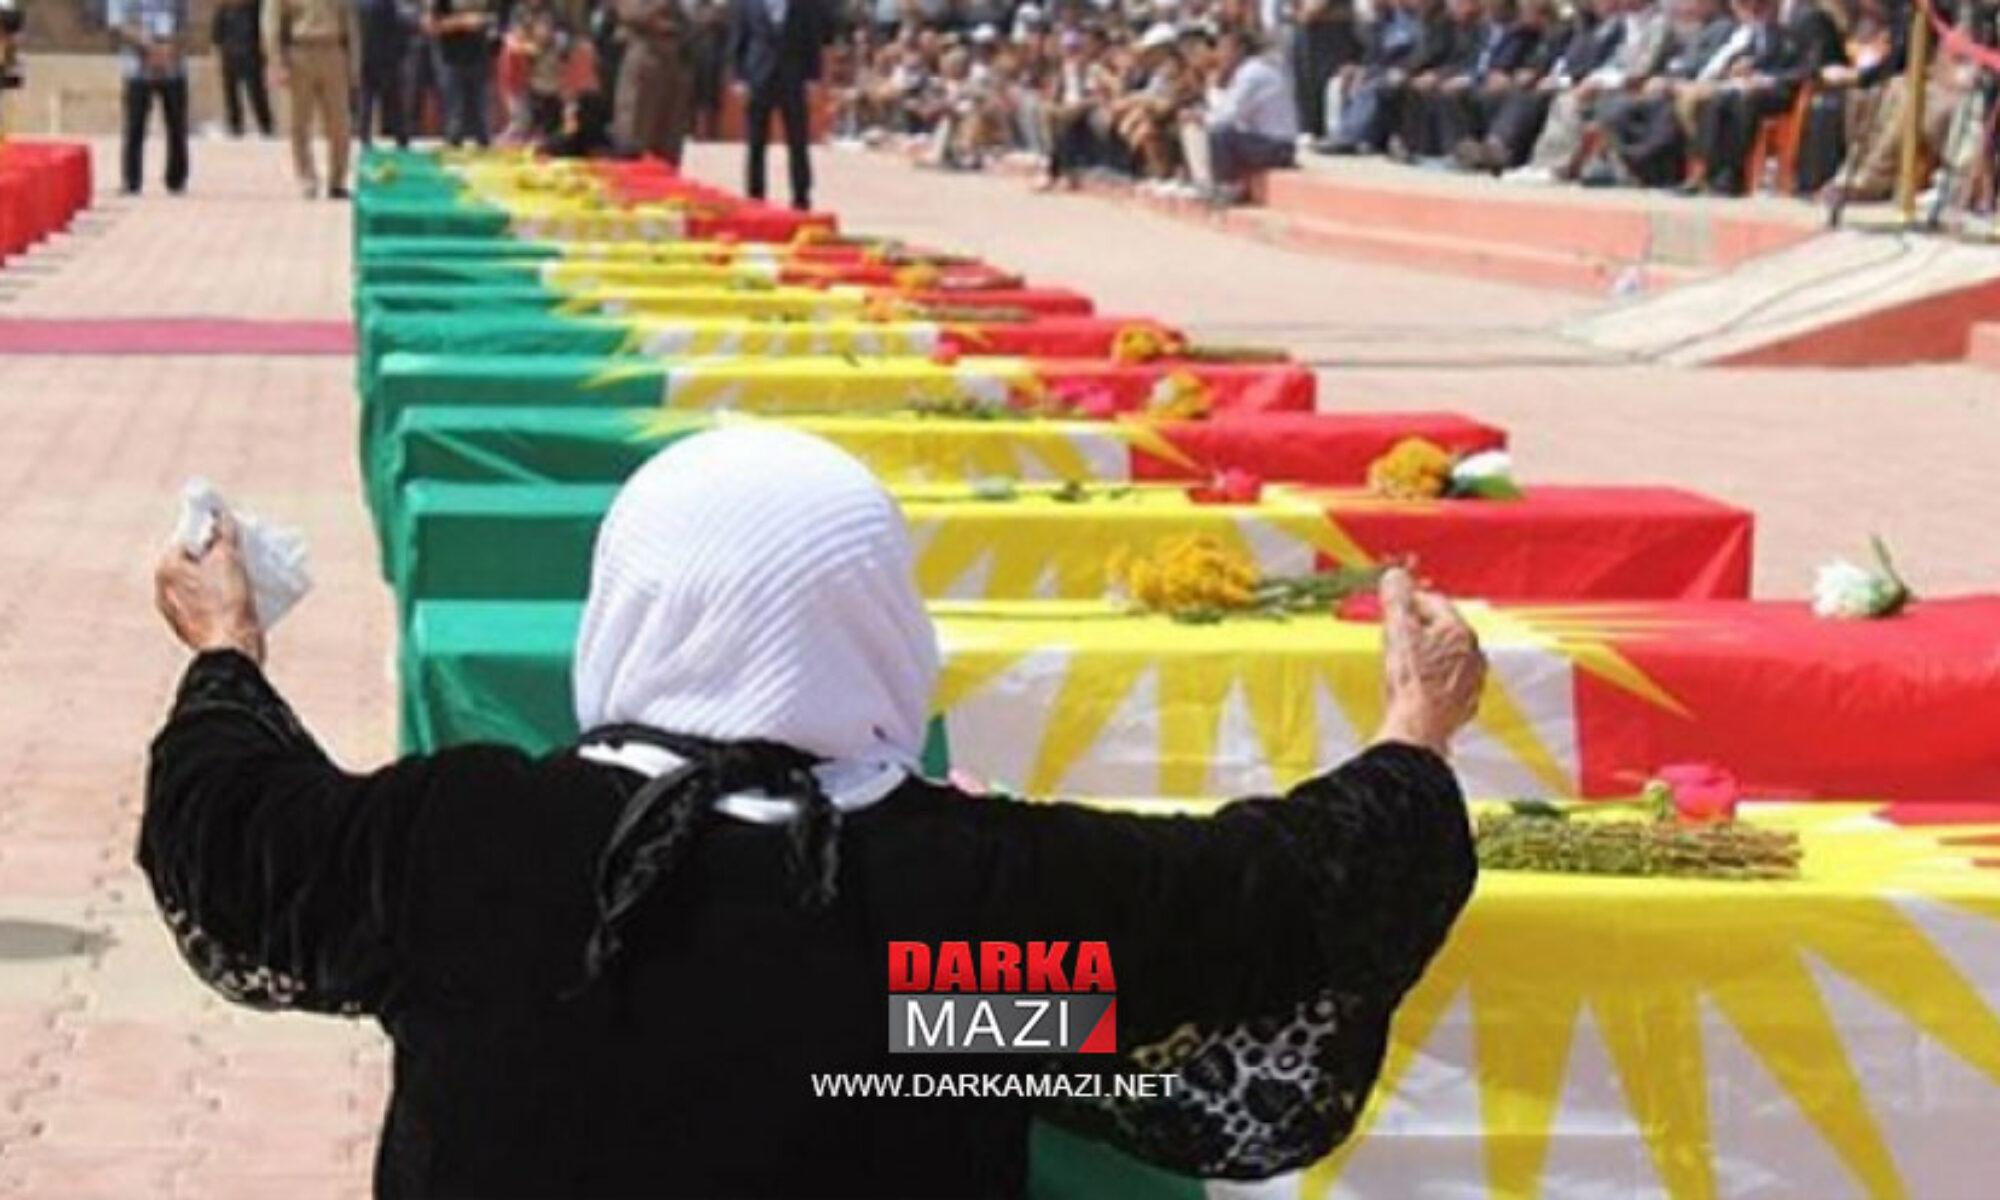 Bugün Enfal Katliamı'nın ilk halkası olan Barzan soykırımının yıldönümü